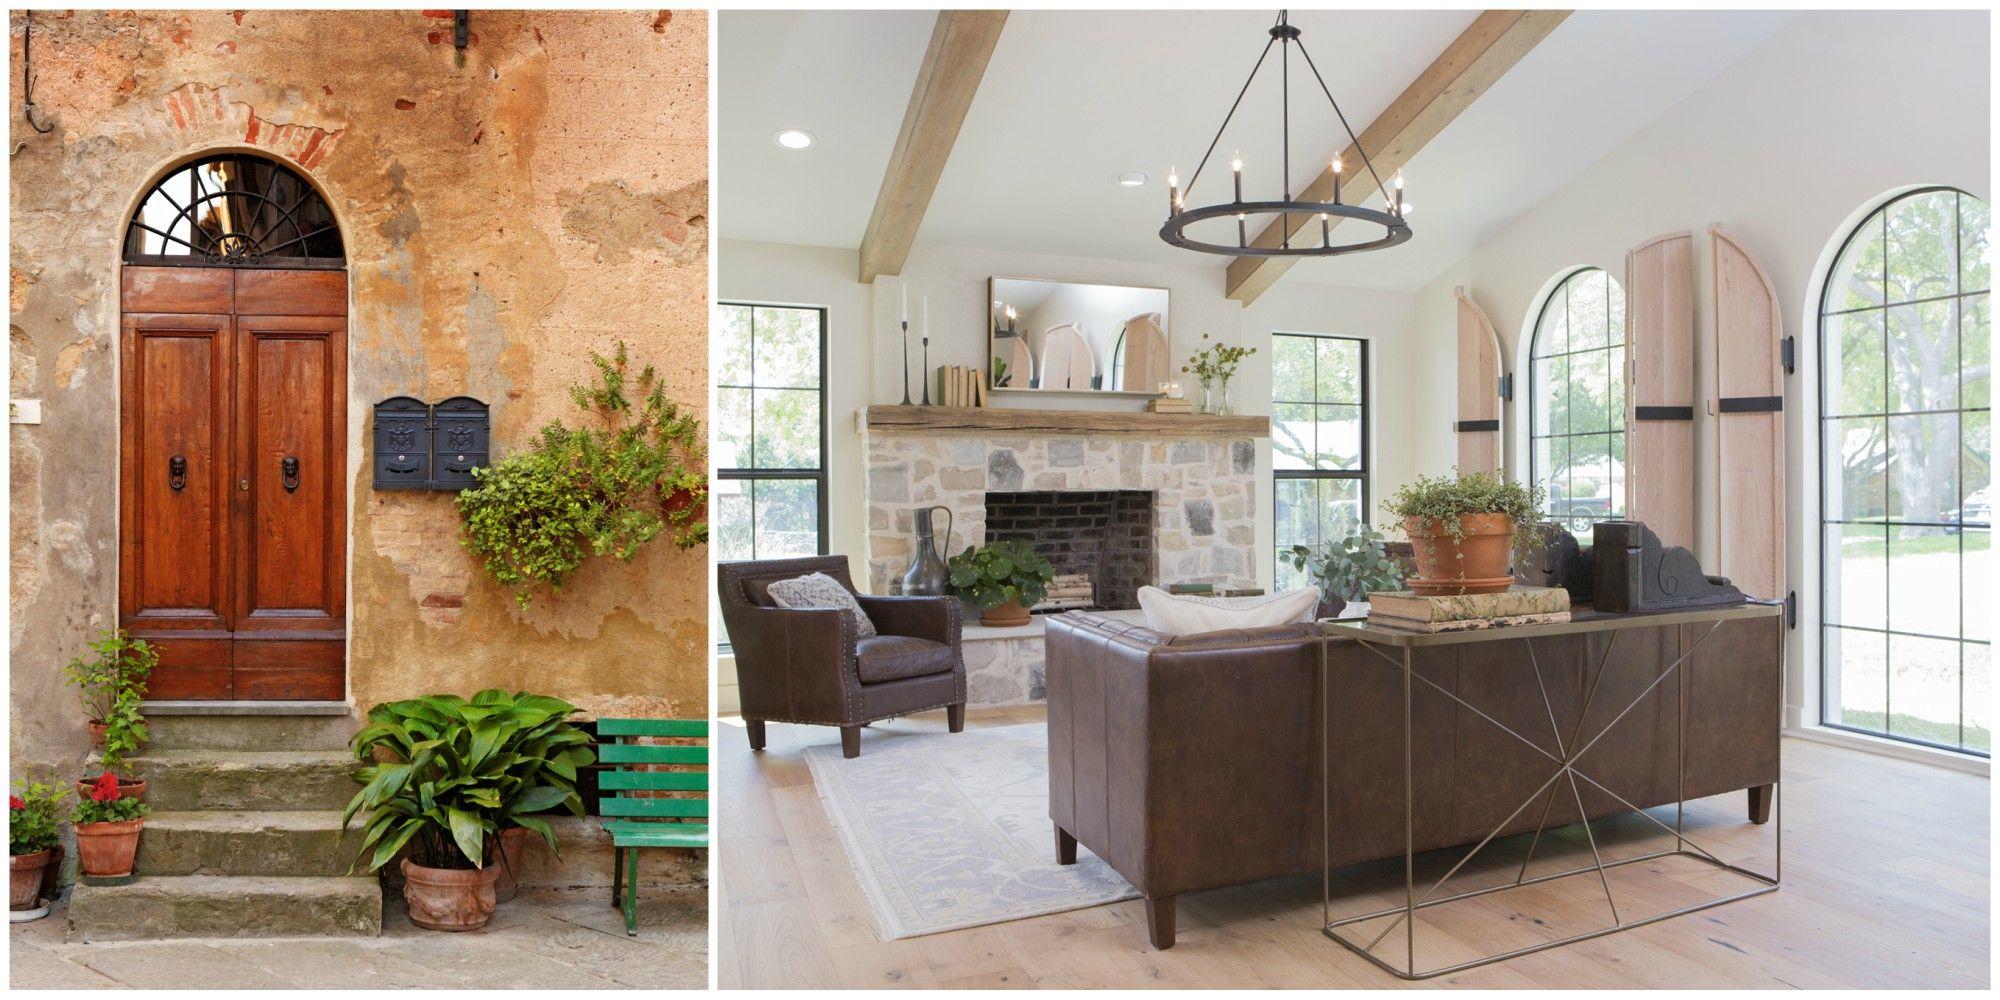 Modern mediterranean home decor trend joanna gaines popularizes moditerranean style on fixer upper